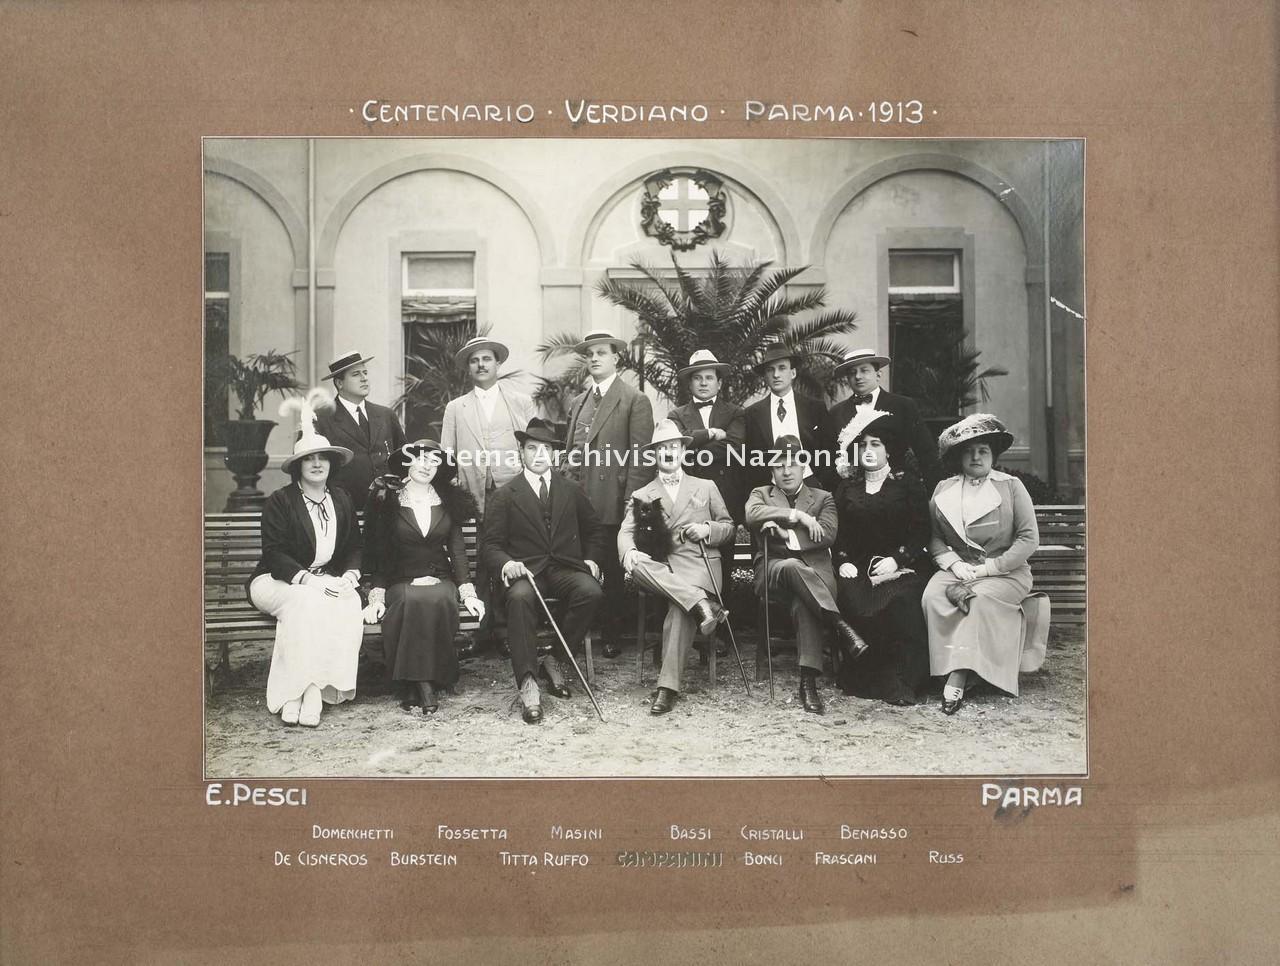 Centenario verdiano, Parma 1913